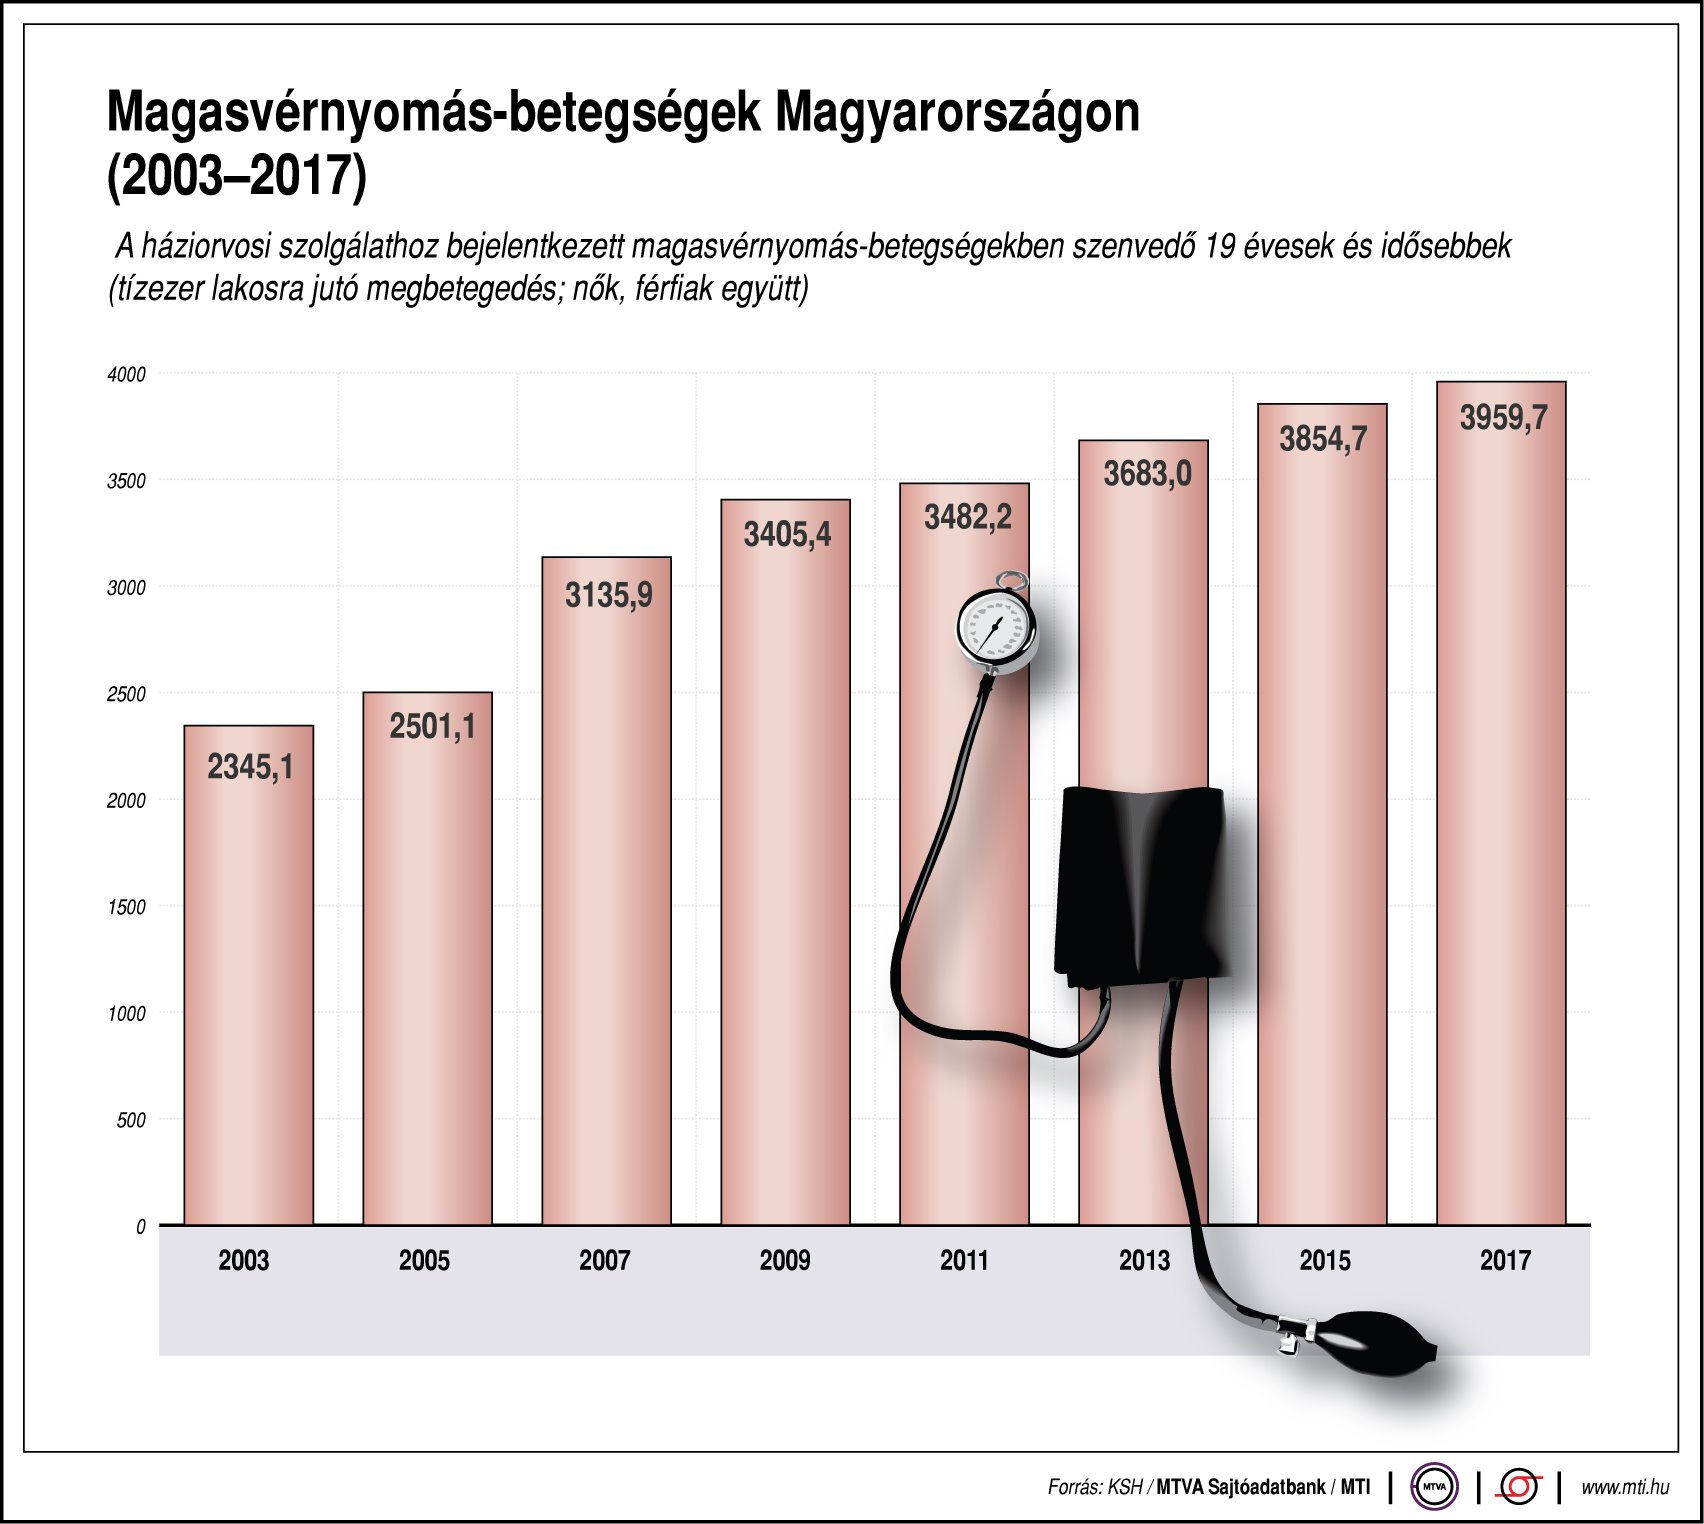 Magyarországi magas vérnyomás kezelés